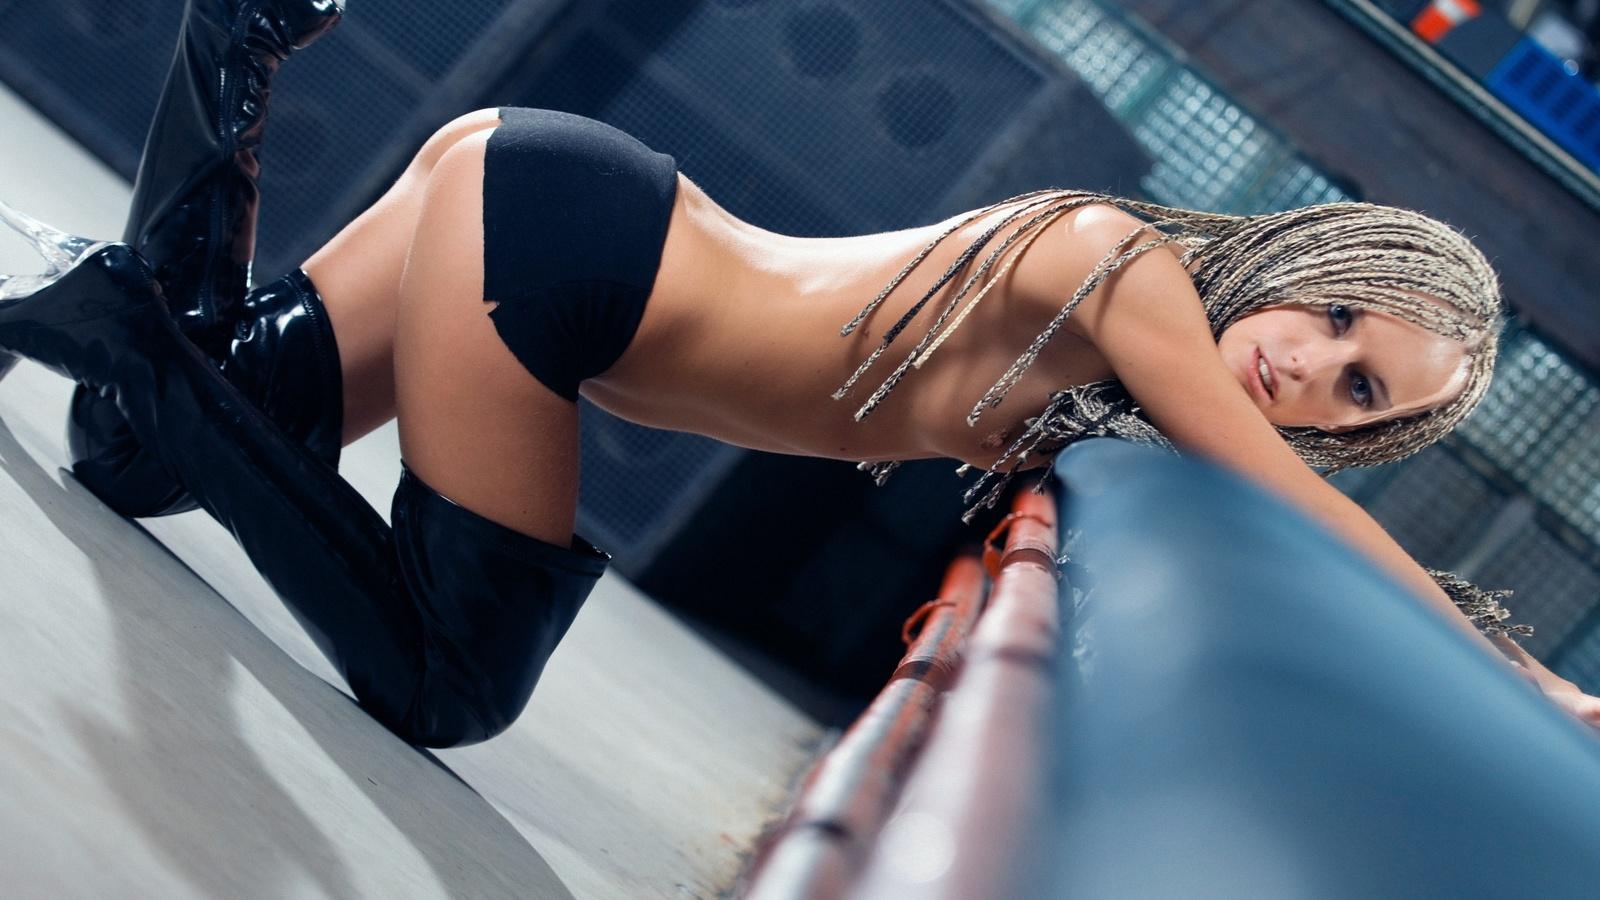 Сэкс с супер телкой, Красивые тёлки порно видео на 22 фотография